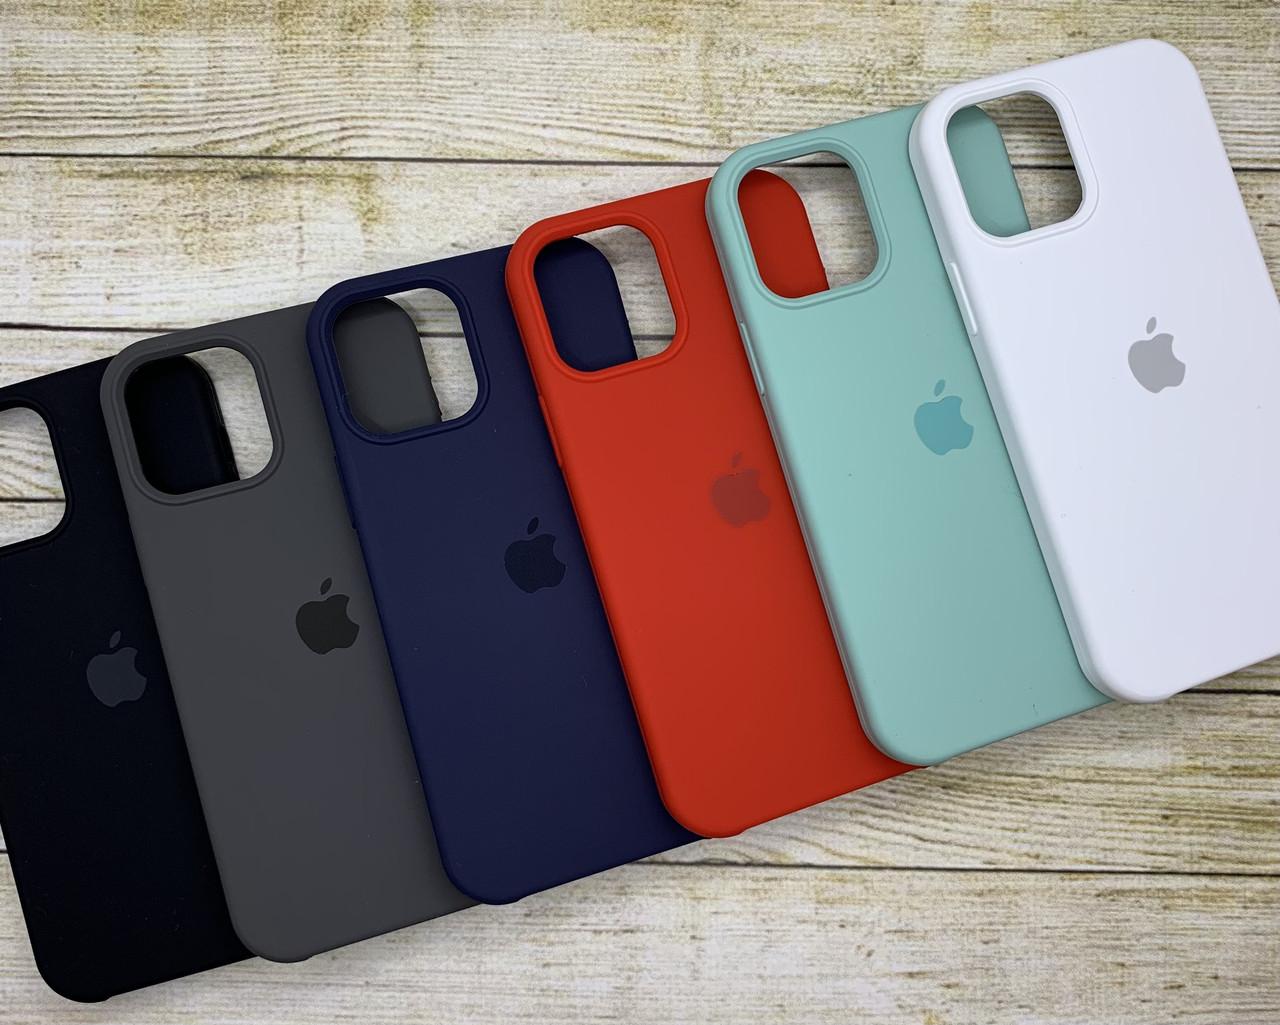 Чехол на iPhone 12 Pro силиконовый Silicone Case оригинальный цветной противоударный